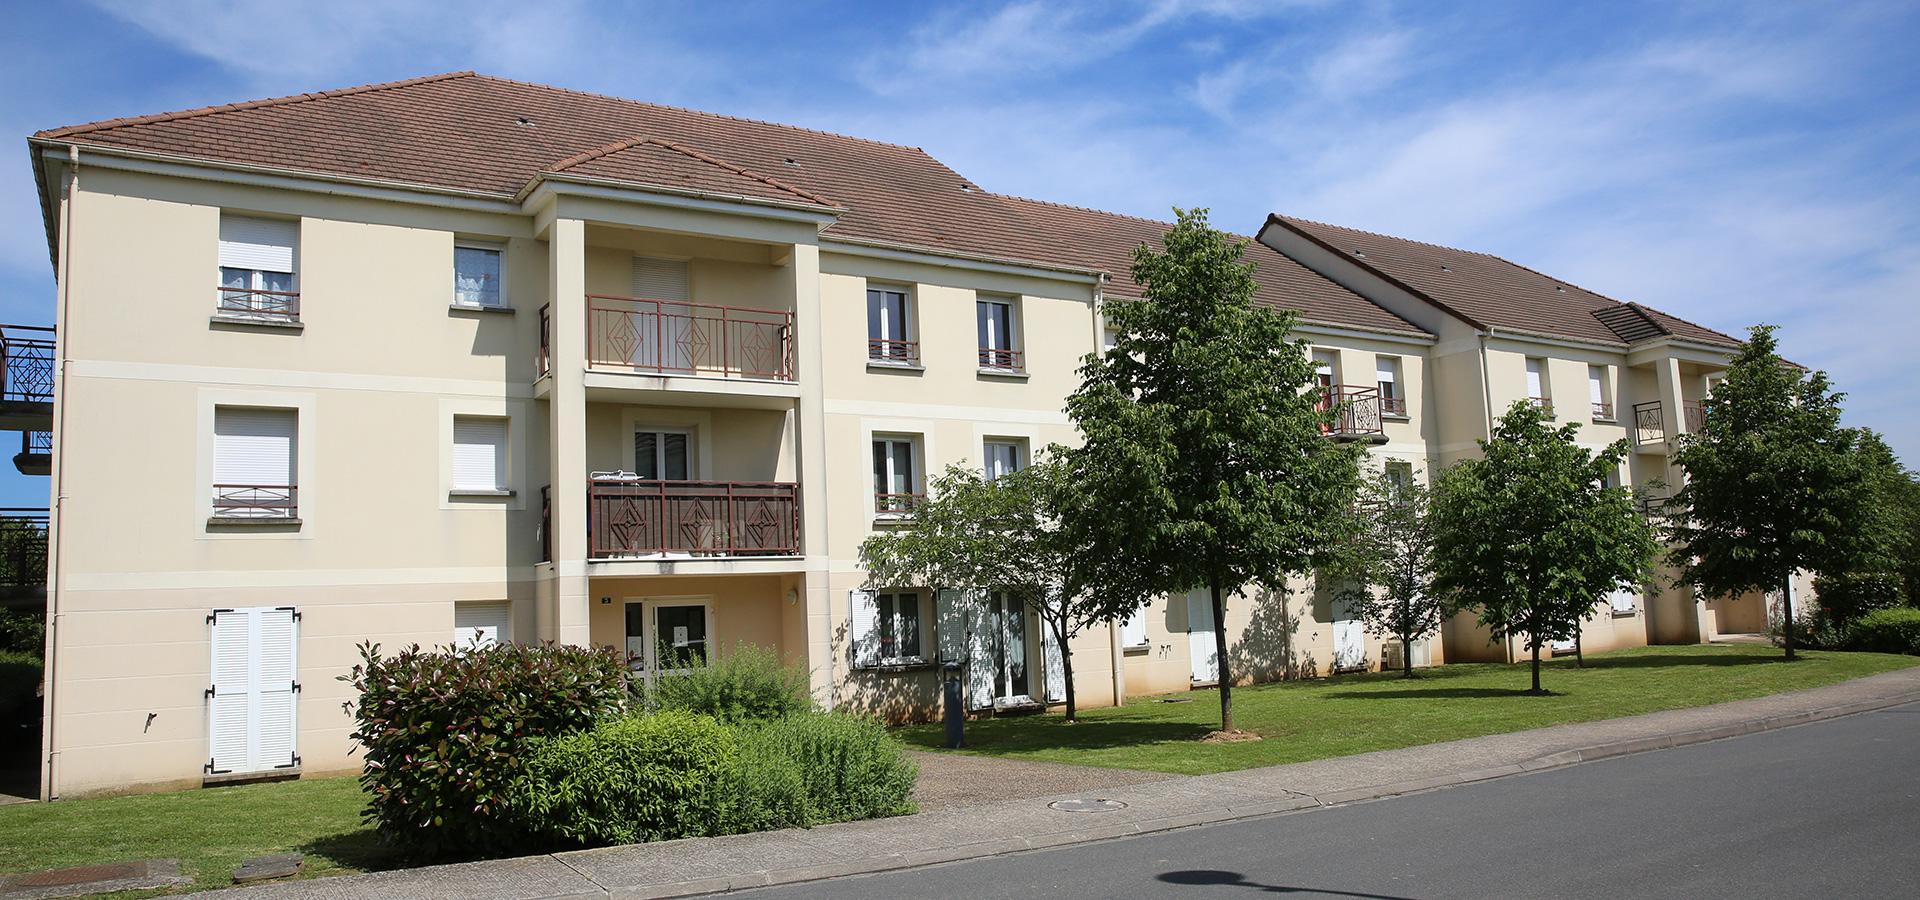 Quartier-Croix-Calteau La Chaussee Saint-Victor